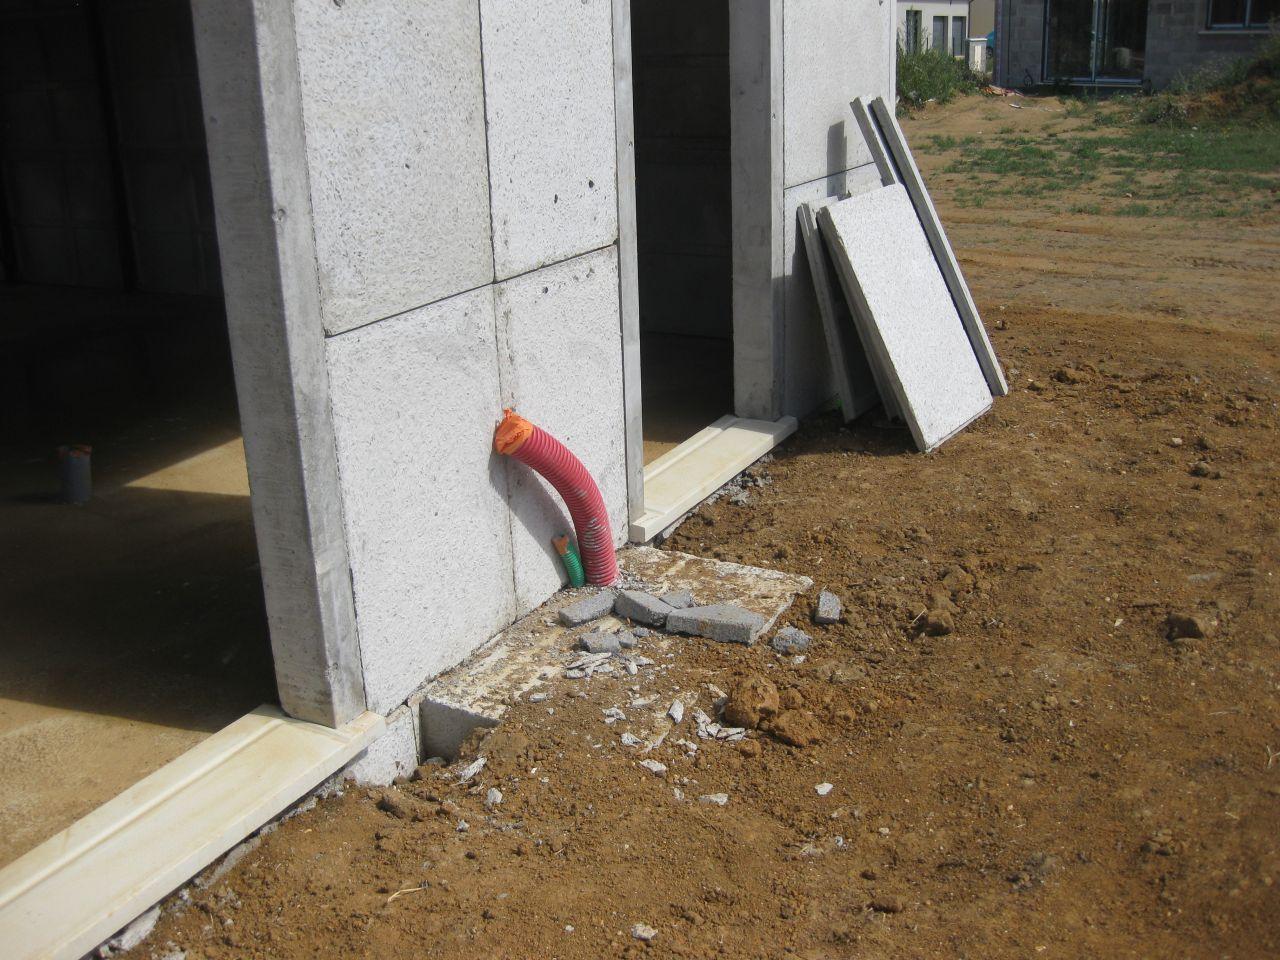 le socle de la pompe a chaleur entre la baie vitrée et la porte de service du garage